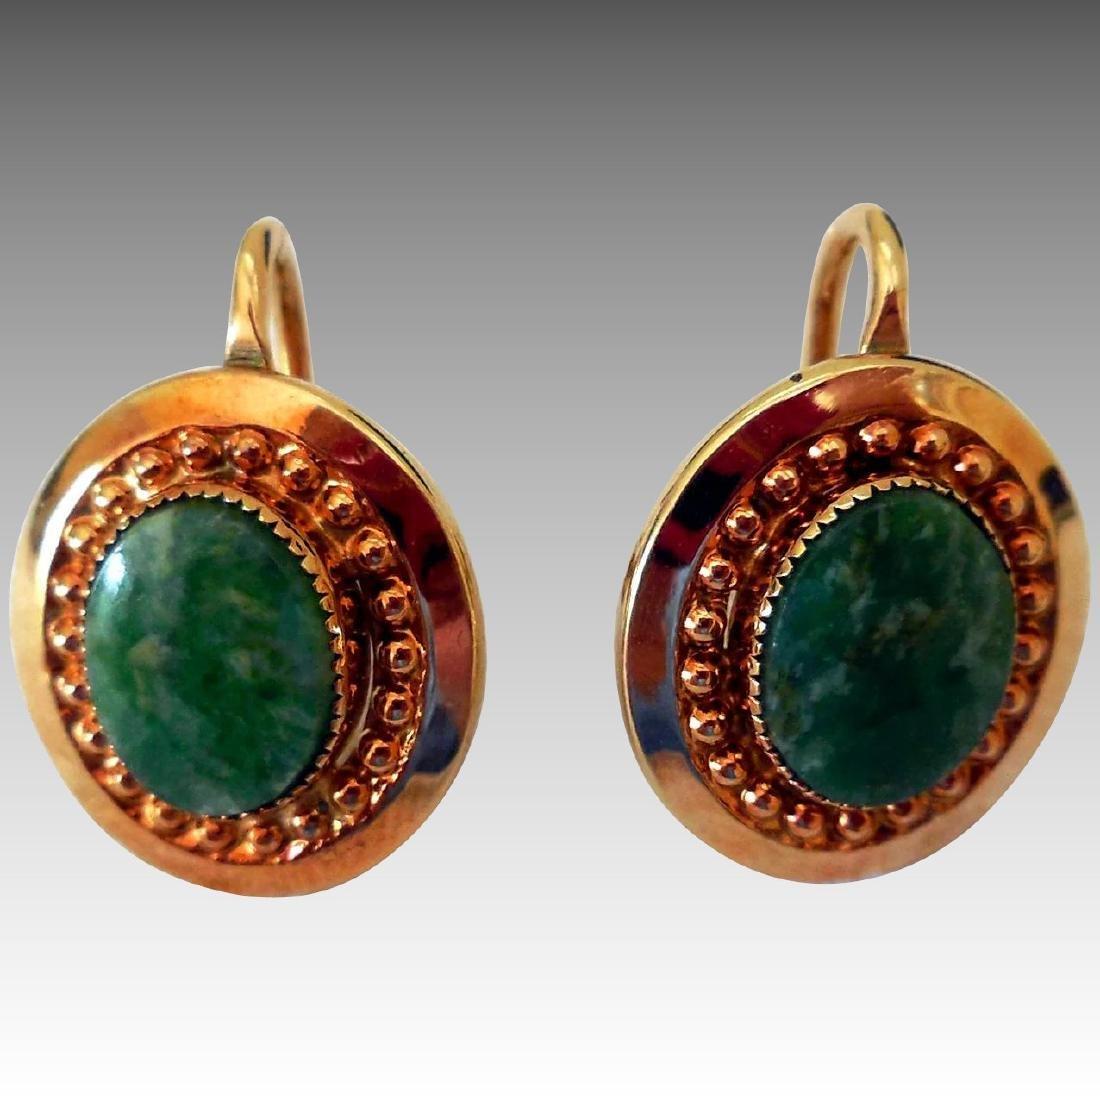 Vintage Jade, Gold-Filled Earrings, 1950s-60s